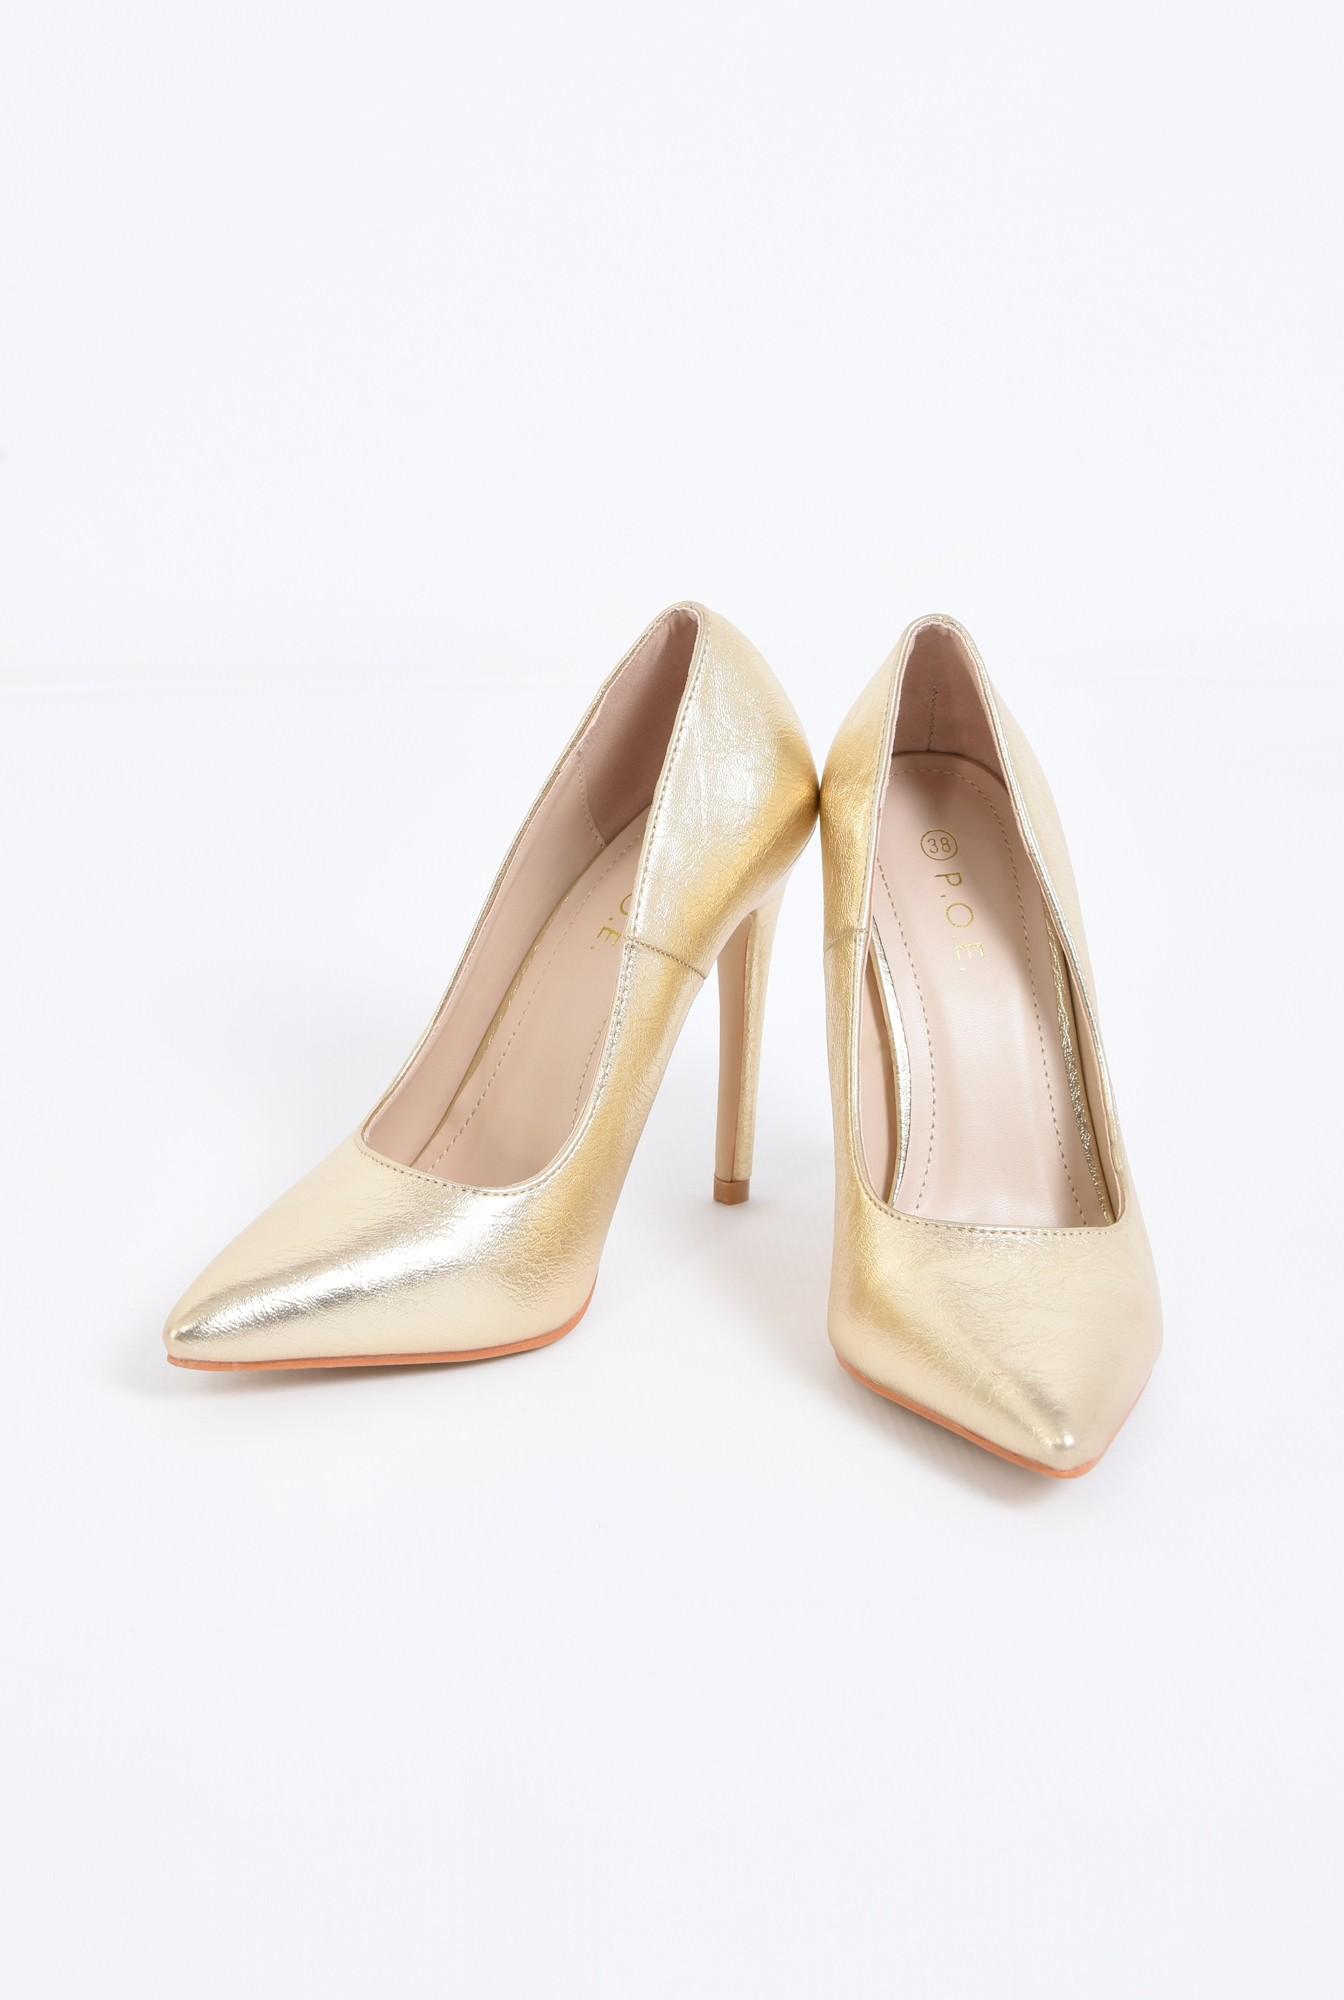 3 - pantofi eleganti, aurii, toc inalt